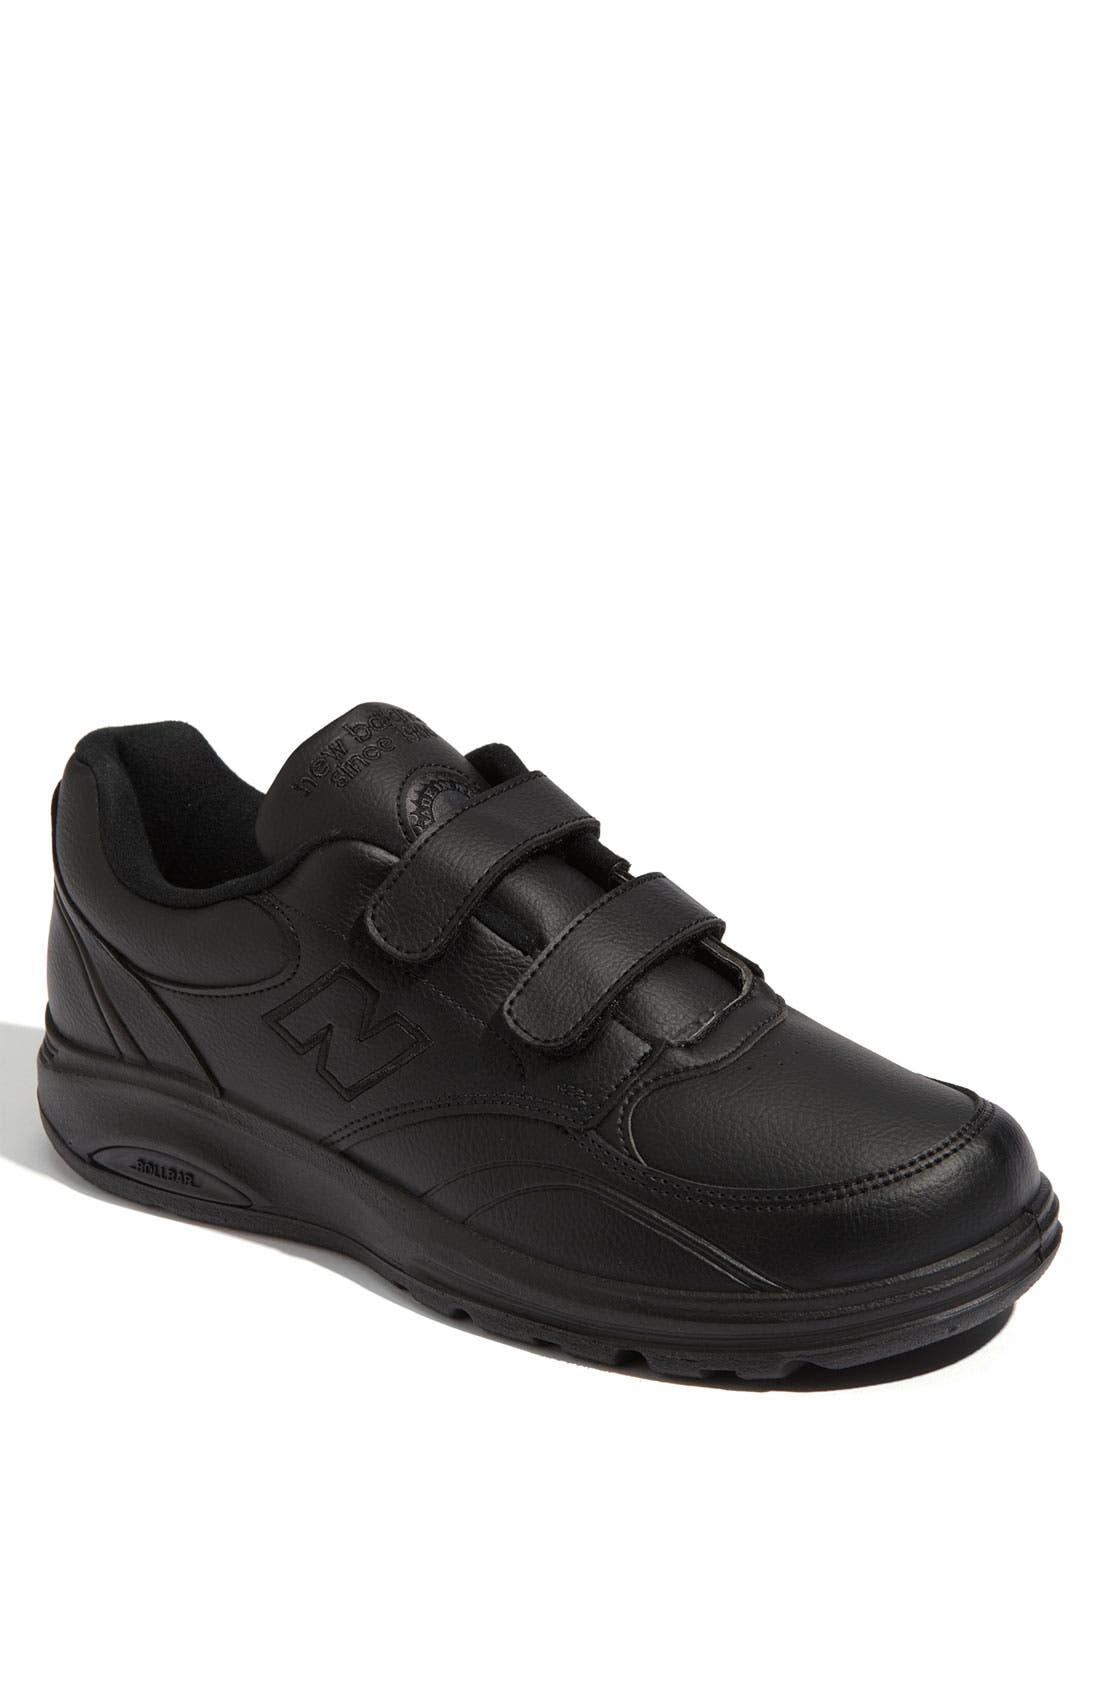 Main Image - New Balance '812' Walking Shoe (Men)